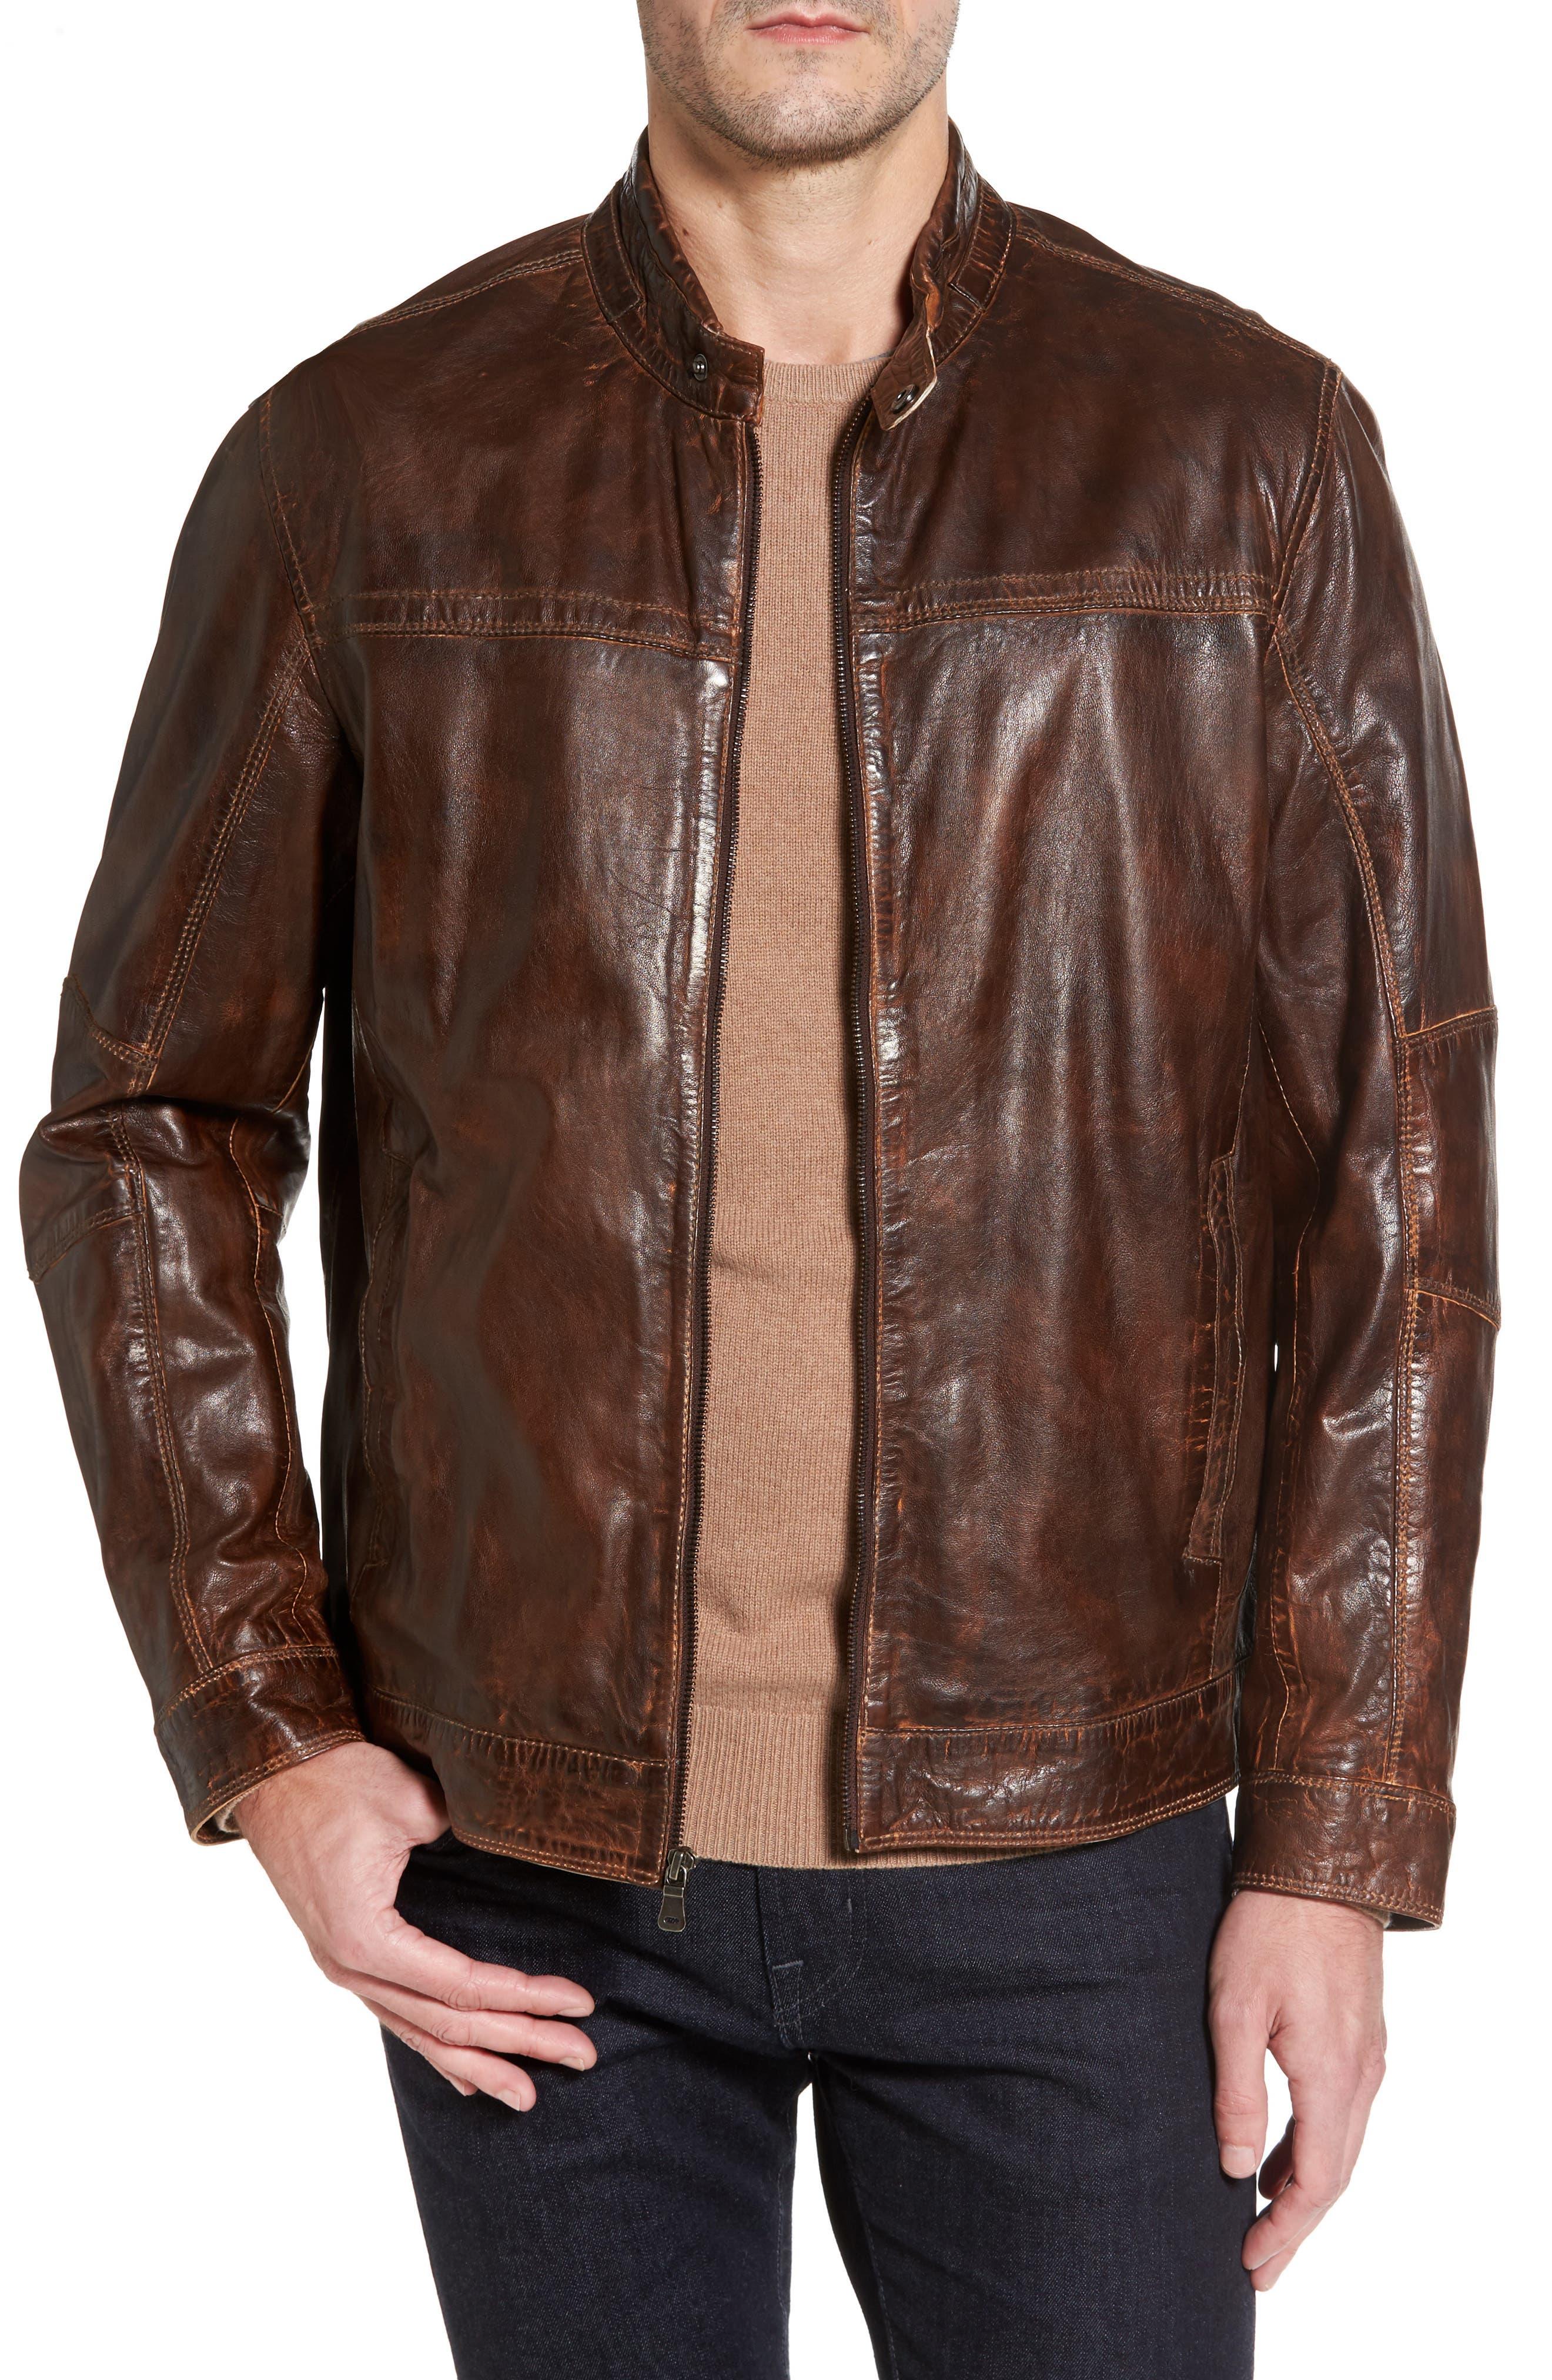 Main Image - Missani Le Collezioni Vintage Leather Jacket